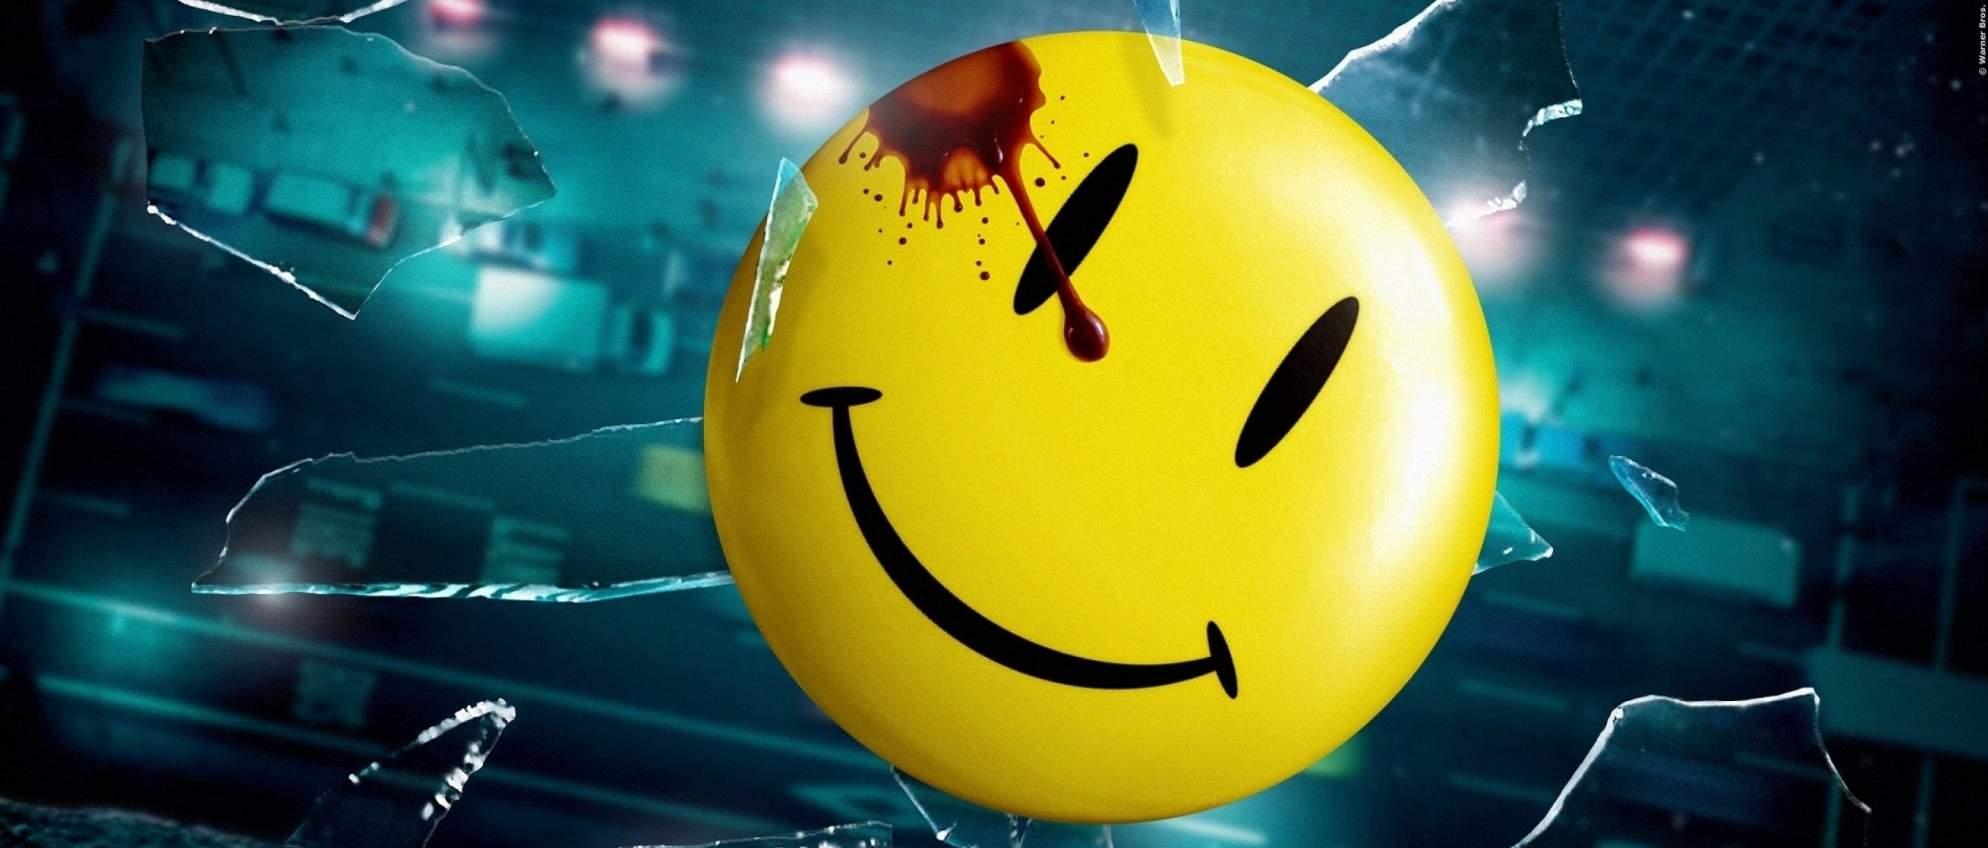 Watchmen Emoji